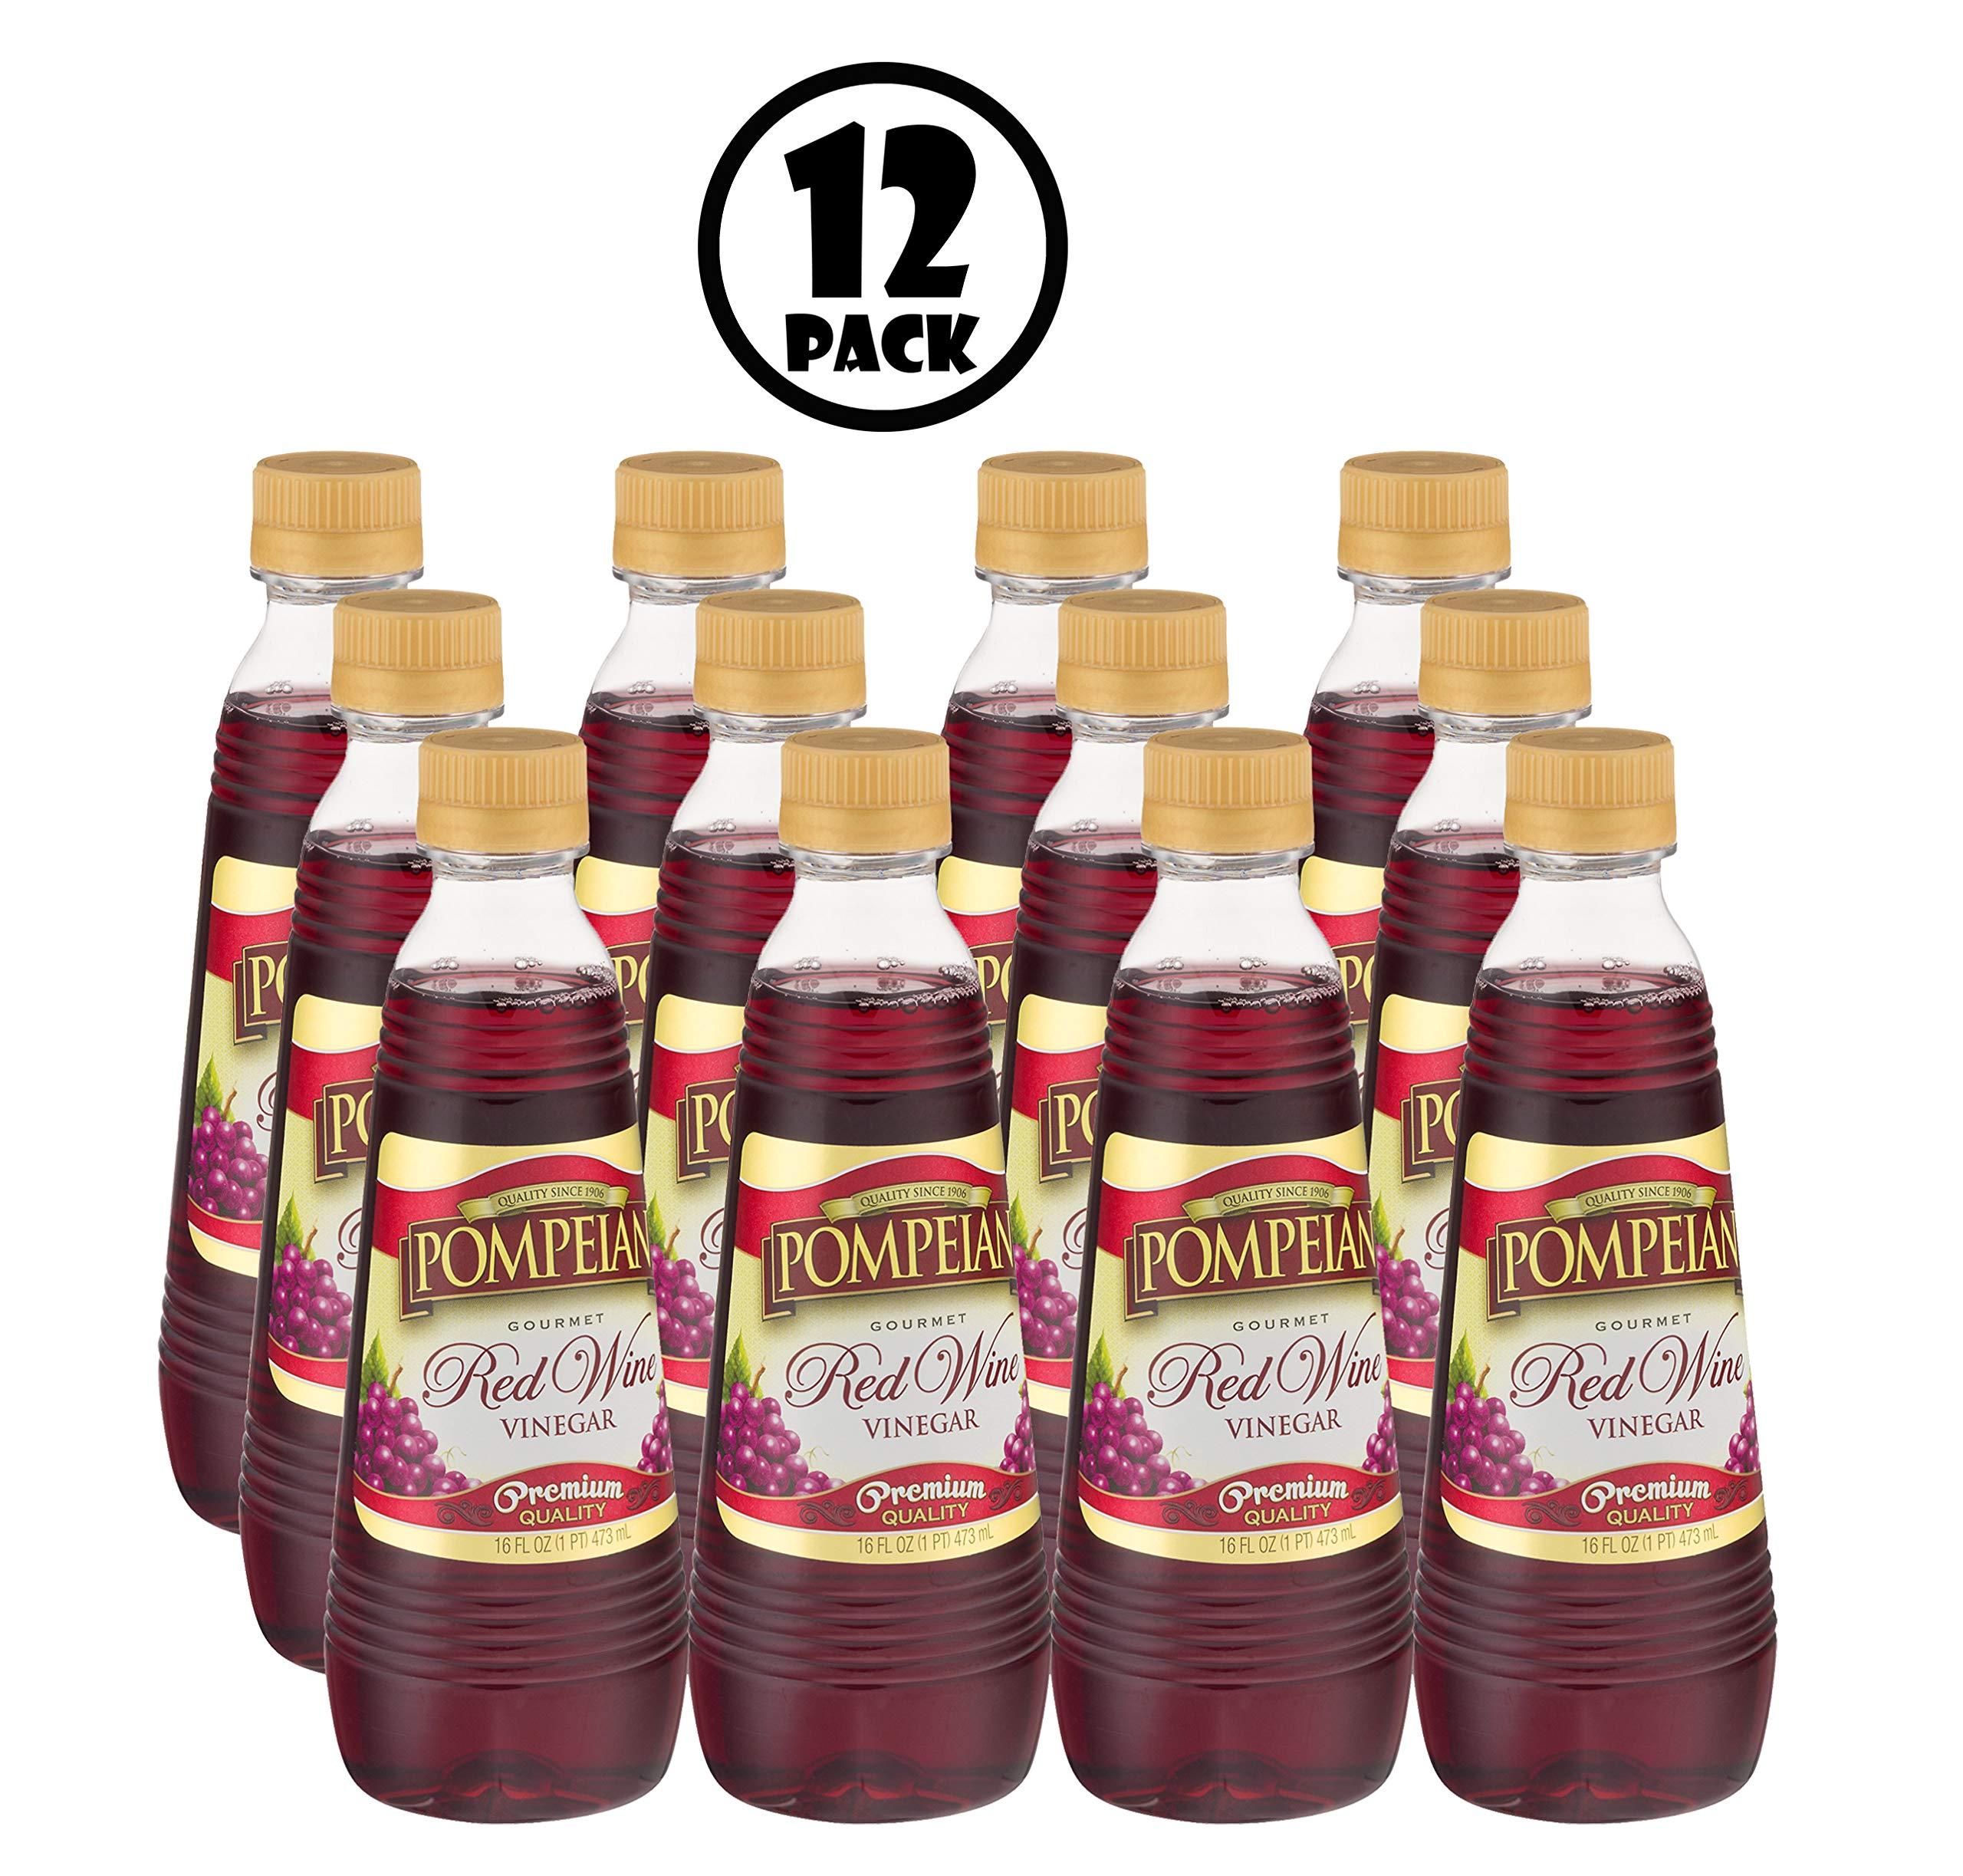 Pompeian Gourmet Red Wine Vinegar Premium Quality 16 fl oz - 12 counts by Pompeian